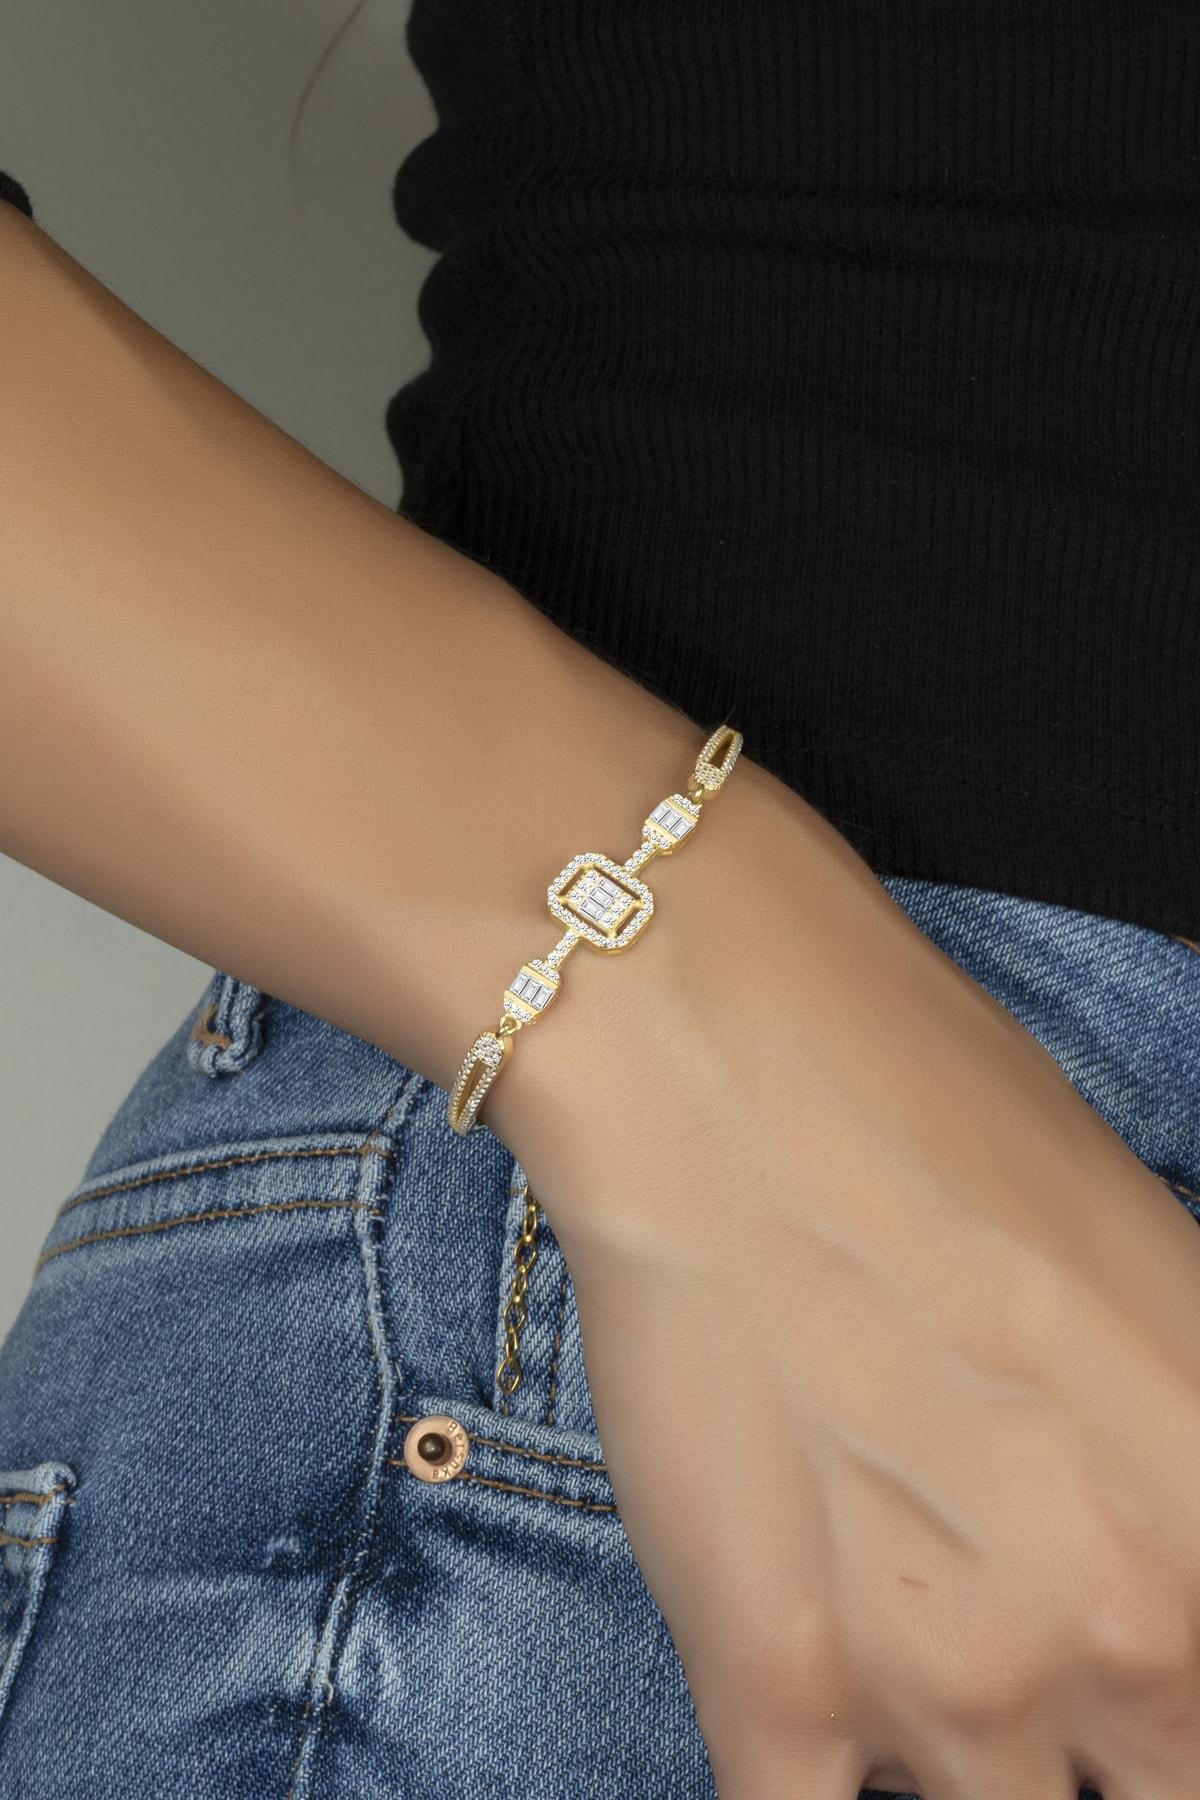 Else Silver Kadın Sarı Tria Baget Taşlı Kelepçe Modeli 925 Ayar Gümüş Bileklik 2